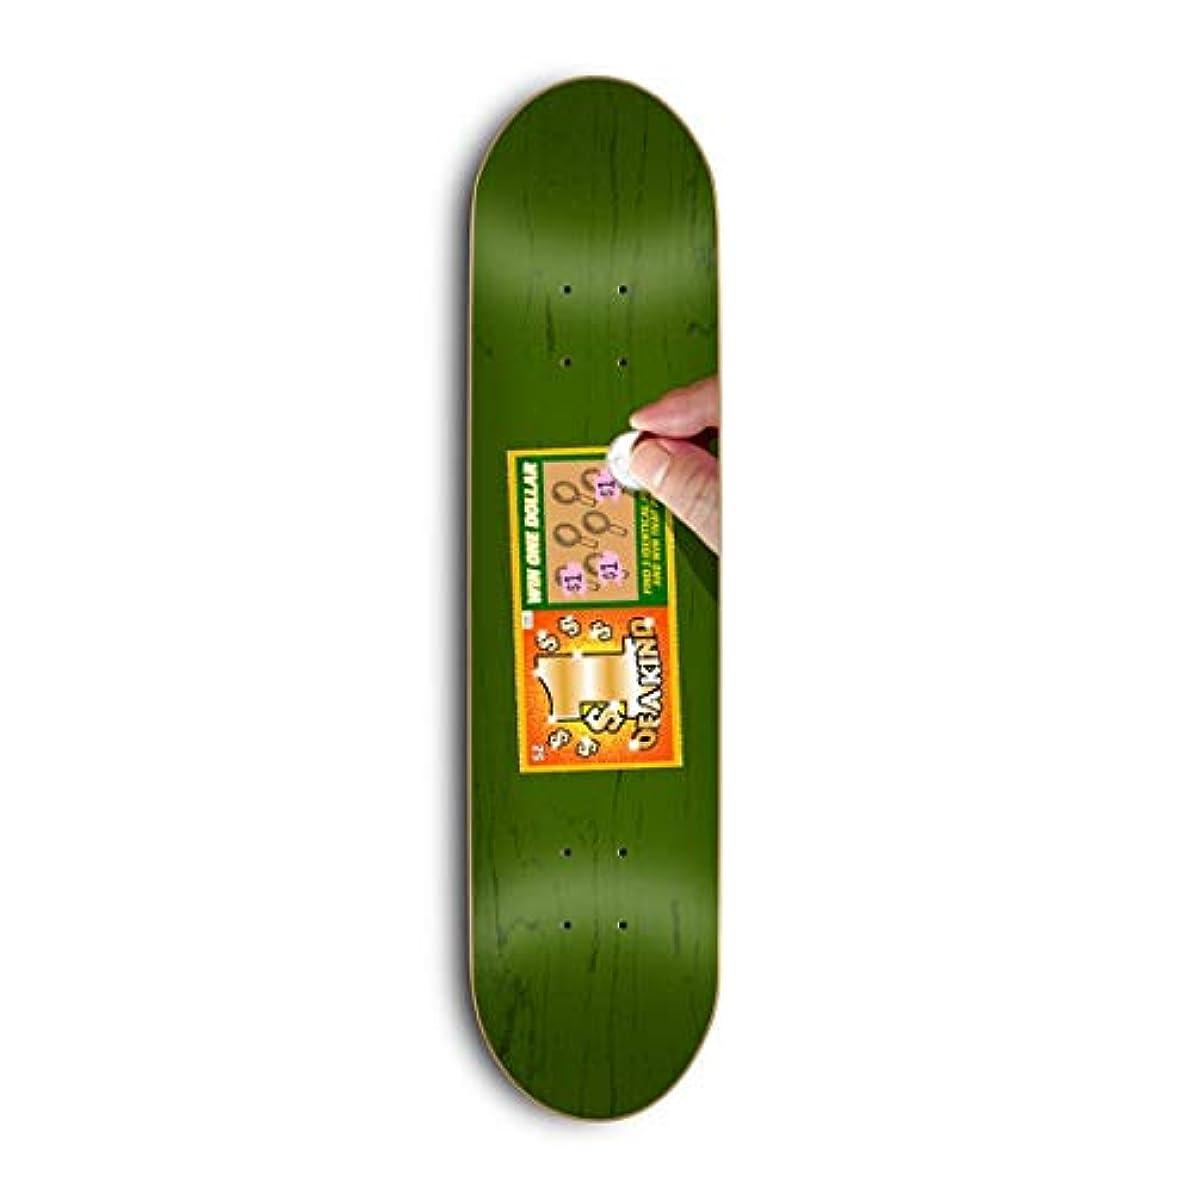 ボタン忘れっぽい酒Skate Mental スケートボードデッキ Kleppan Scratcher 8.375インチ